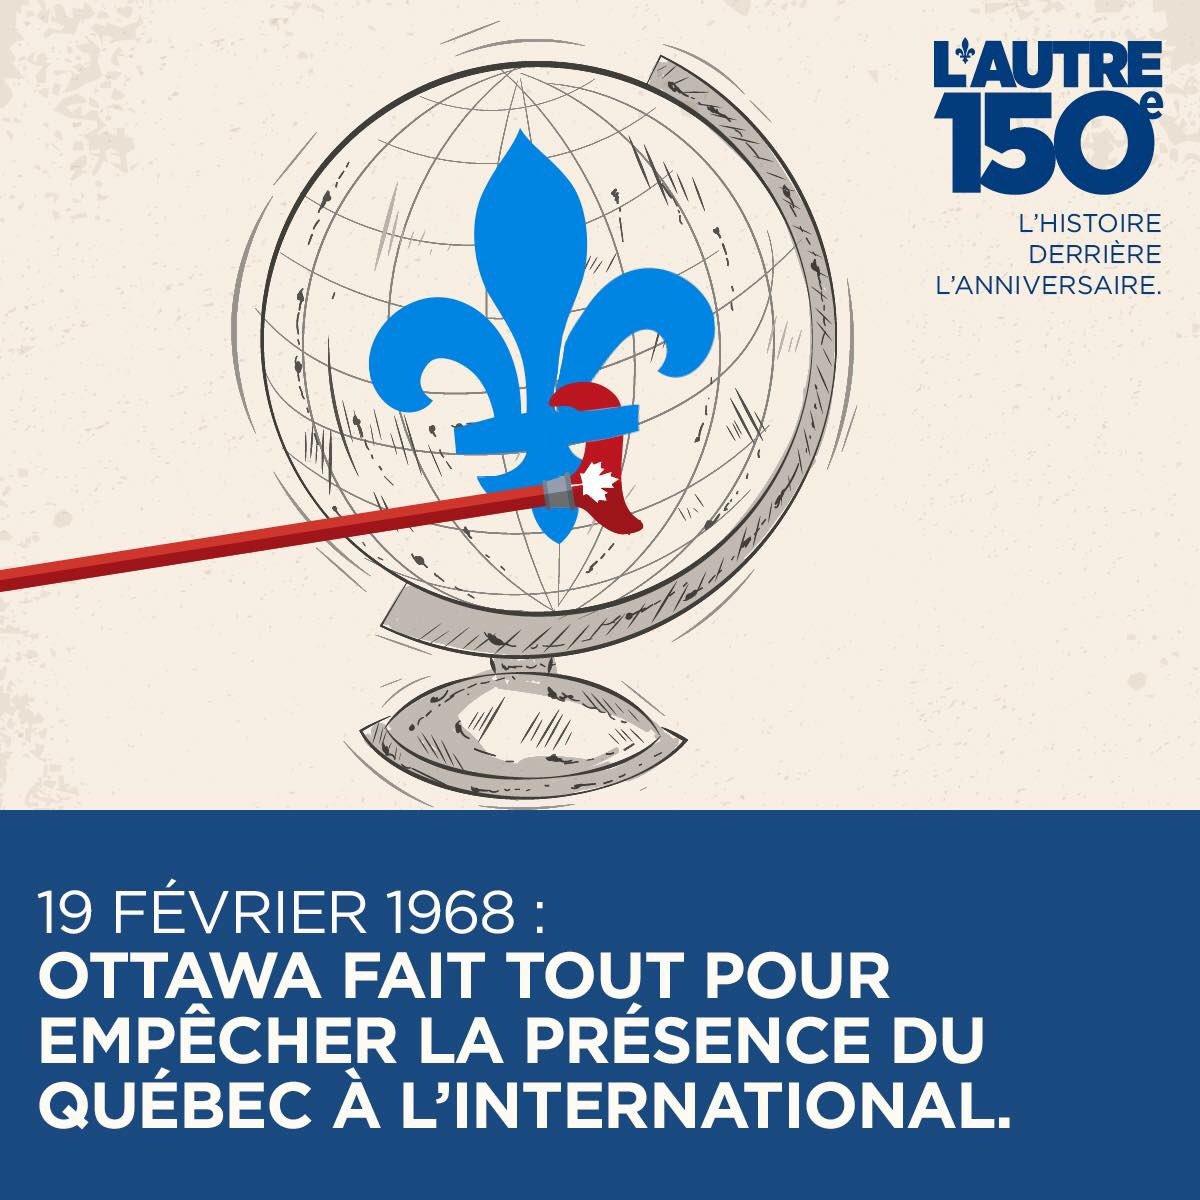 19 février 1968: le Canada rompt ses relations diplomatiques avec le Gabon pour protester contre...  https://www. facebook.com/autre150e/post s/1285229324877509:0 &nbsp; …  #Canada150  <br>http://pic.twitter.com/ciUZyFshZX